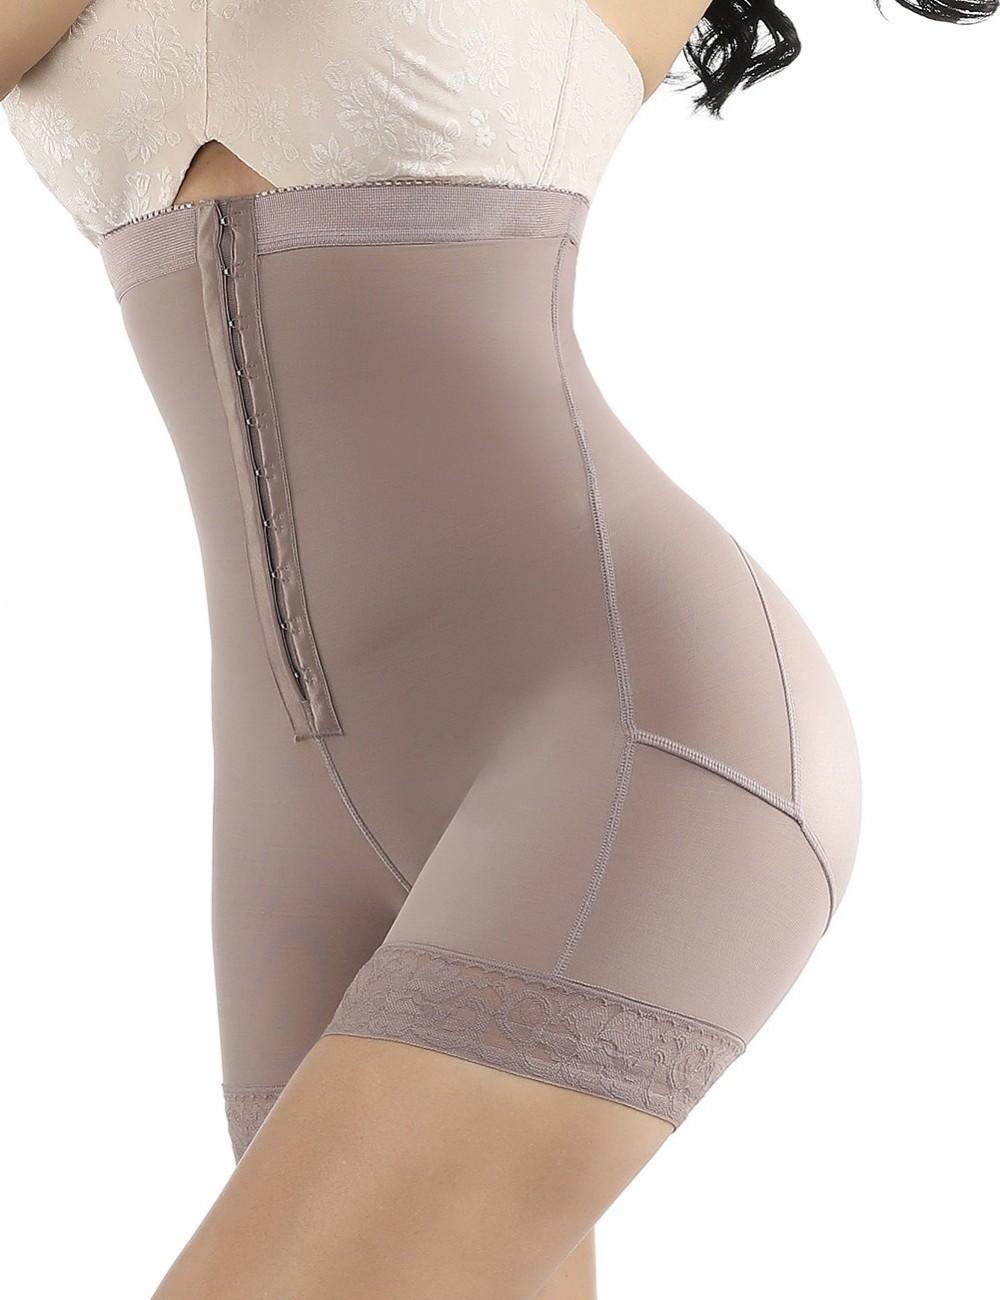 Brown Large Size High Waist Butt Enhancer Hooks Firm Compression